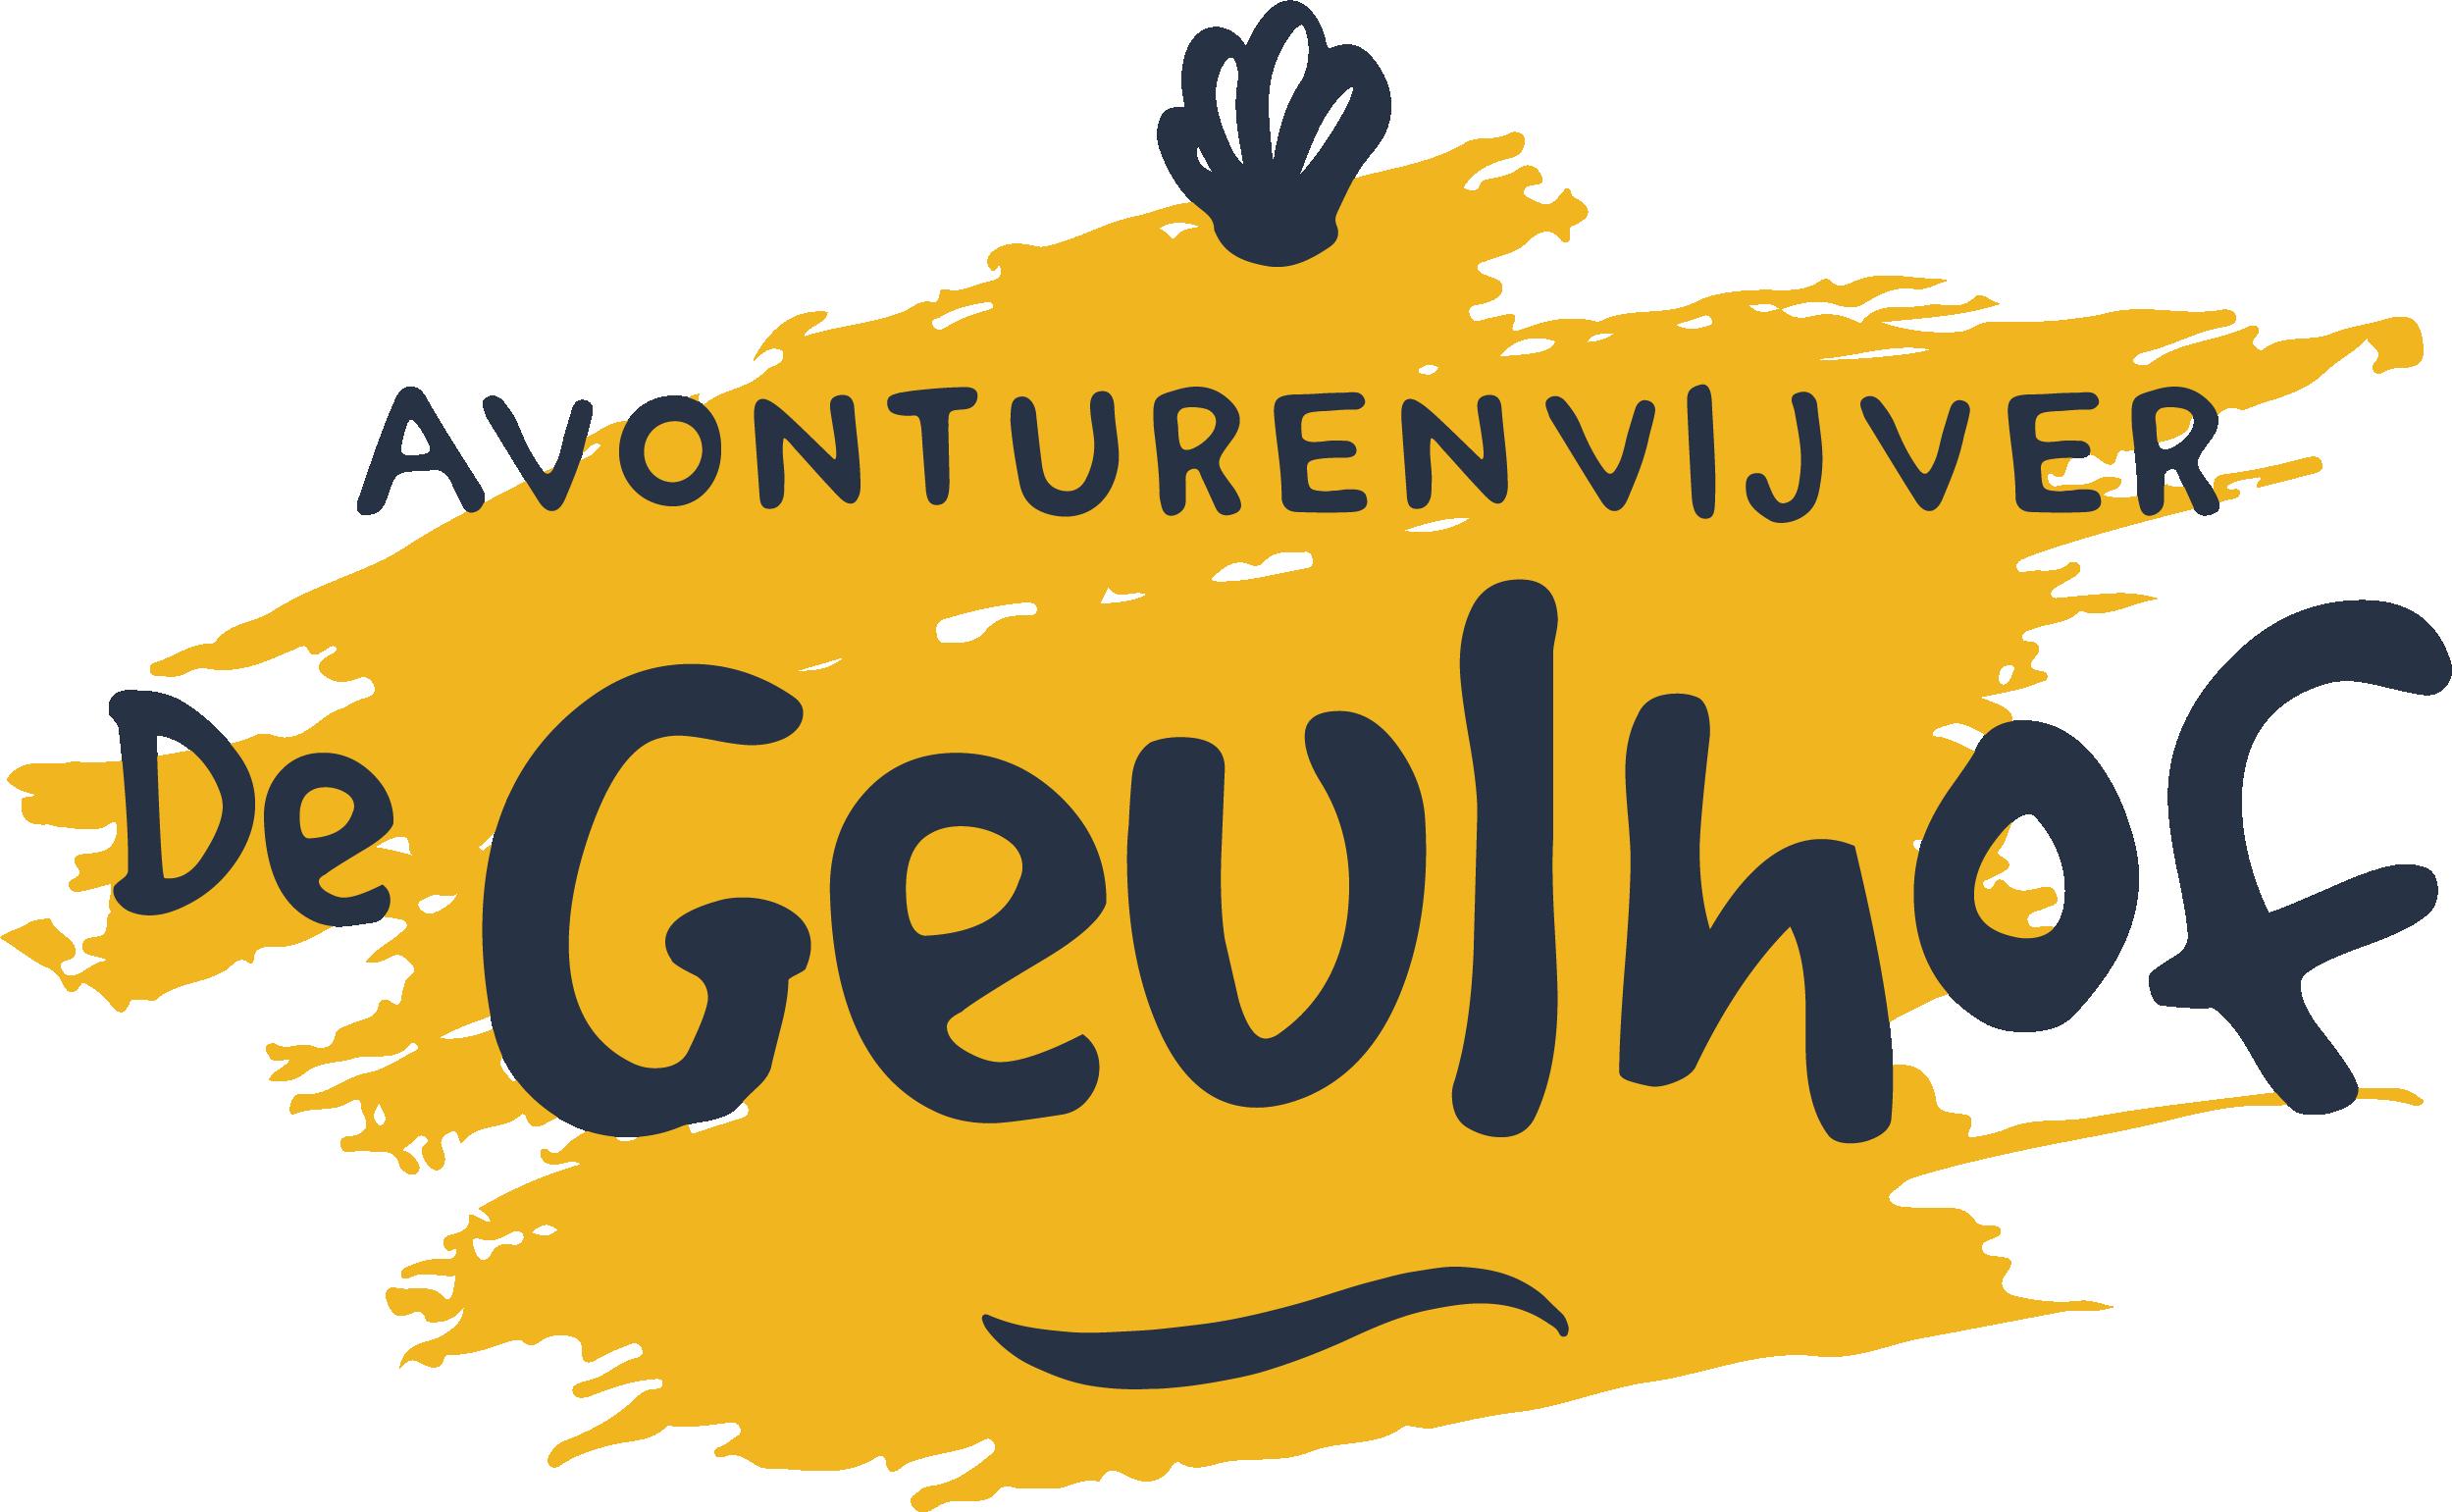 Avonturenvijver de Geulhof